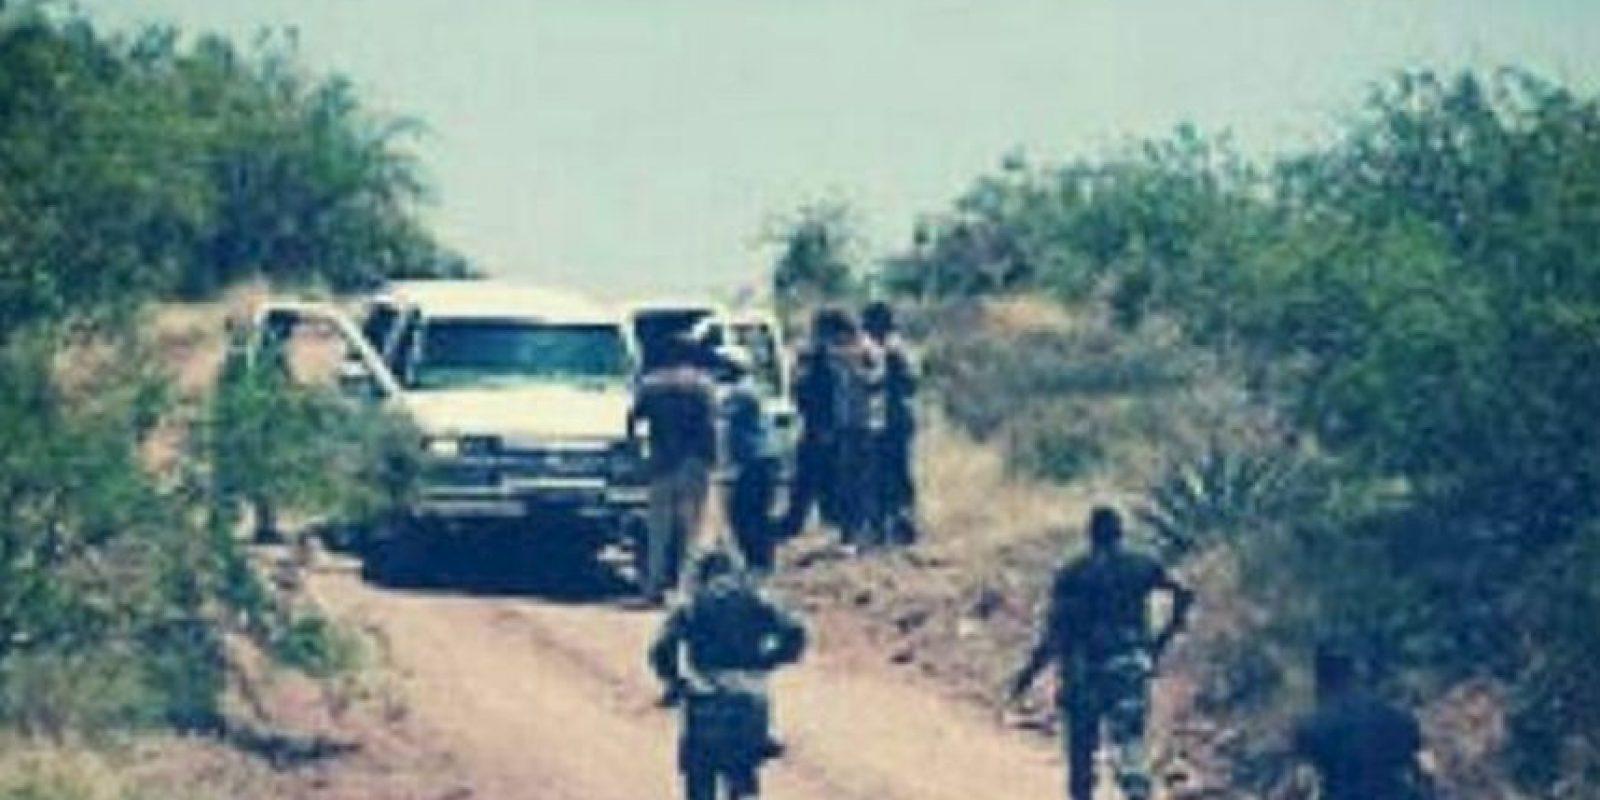 Iván Archivaldo fue detenido en 2005 en Zapopán. Pero fue liberado en 2008 al el gobierno fallar en acreditar su culpabilidad. Foto:vía Twitter